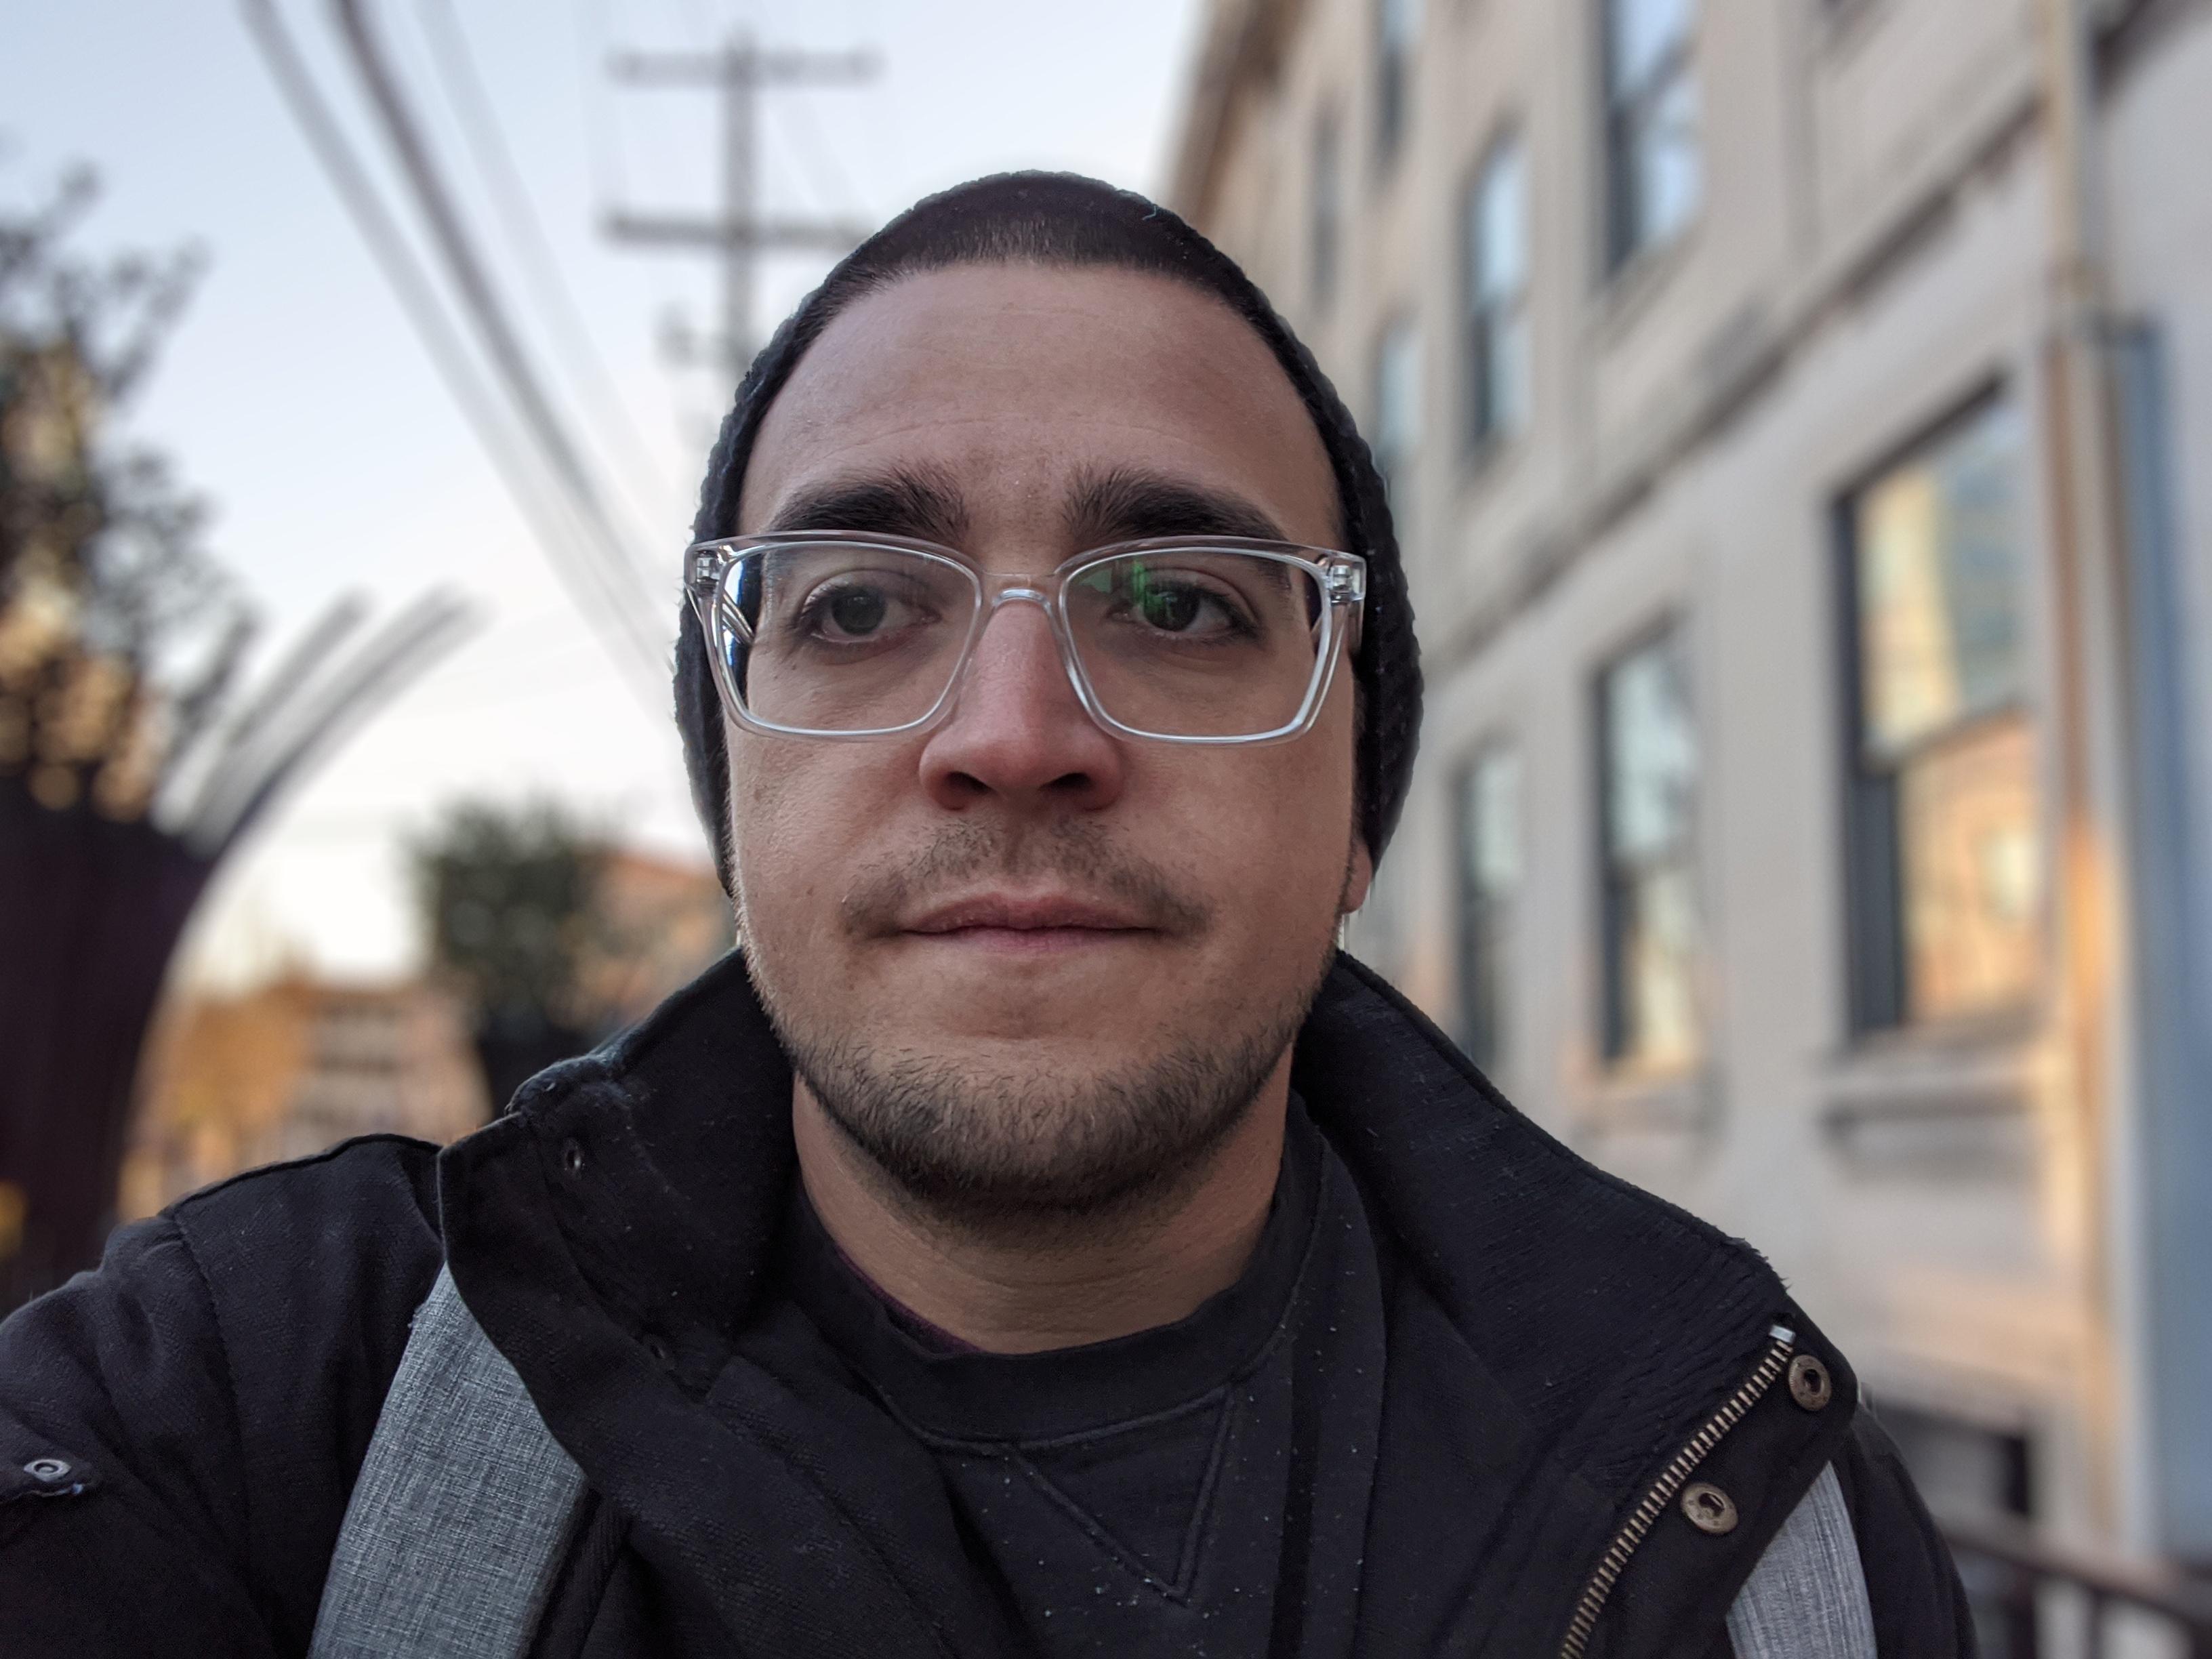 Alumni Update: Interview with Andrew Hernandez